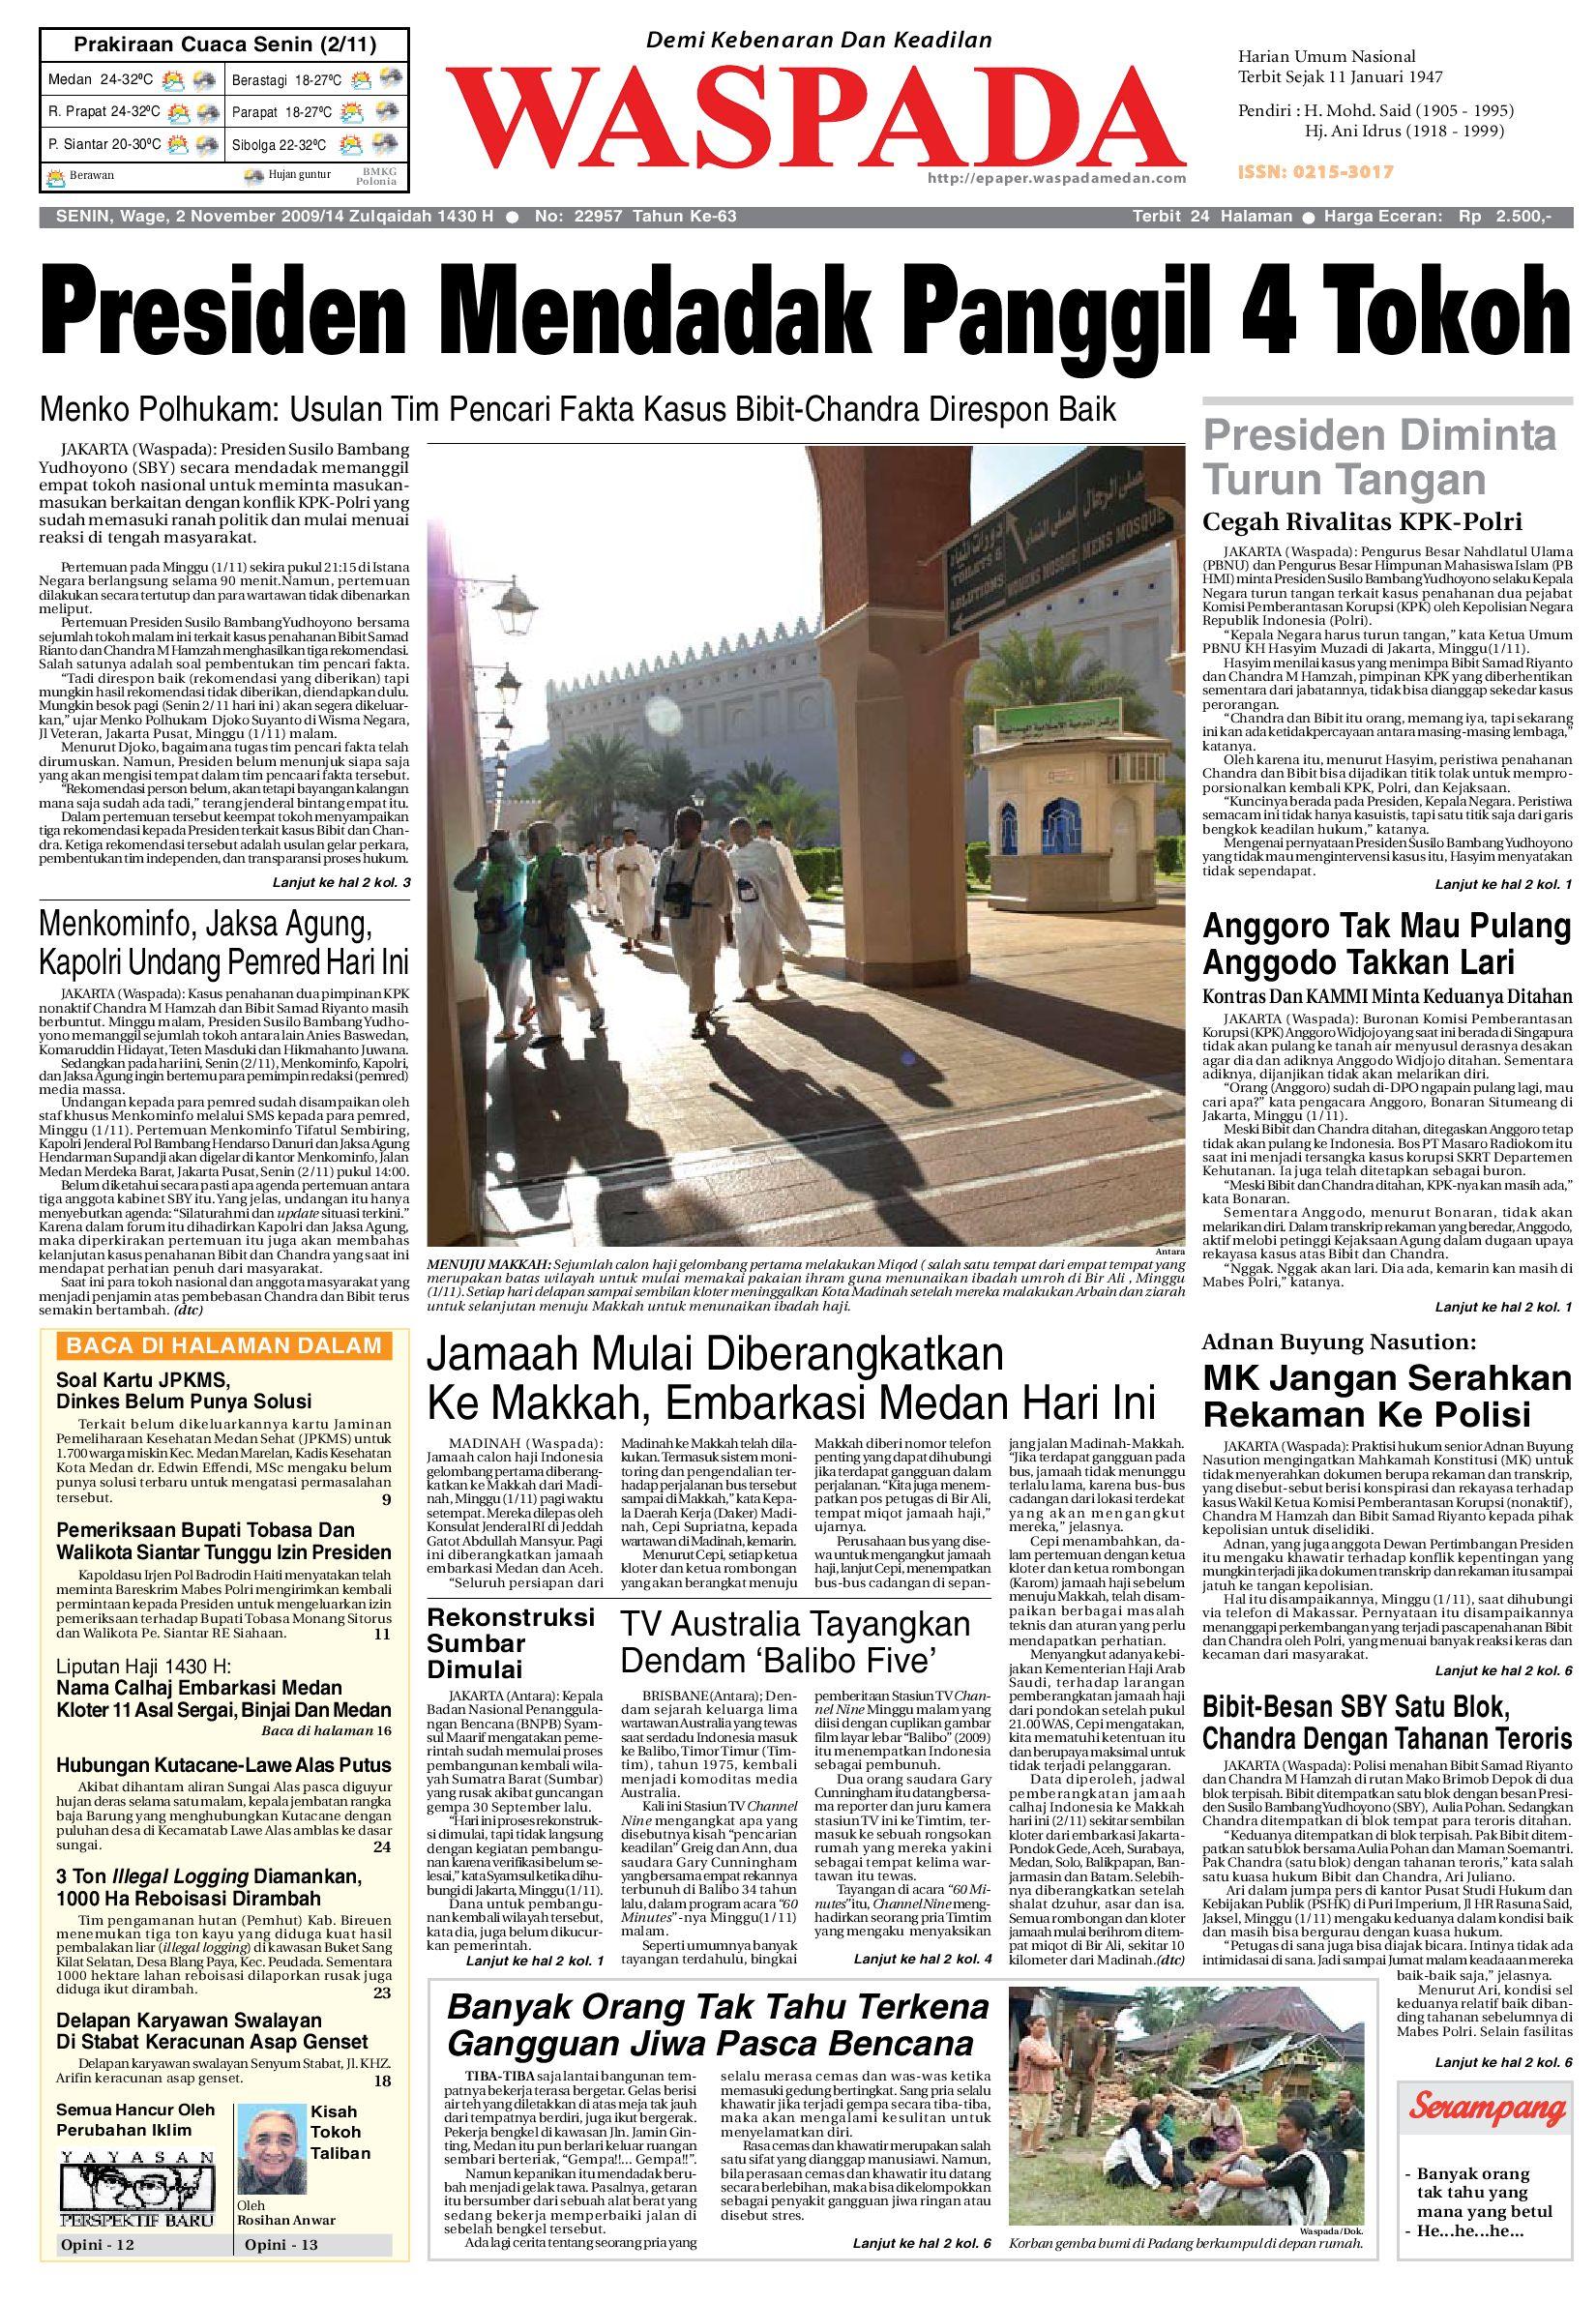 Waspada Senin 2 November 2009 By Harian Waspada Issuu